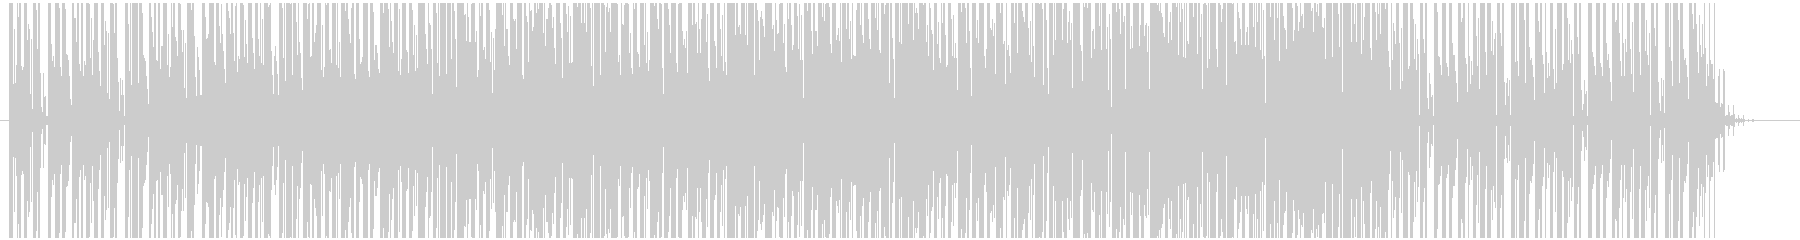 入場などに適したポップなエレクトロニカの未再生の波形